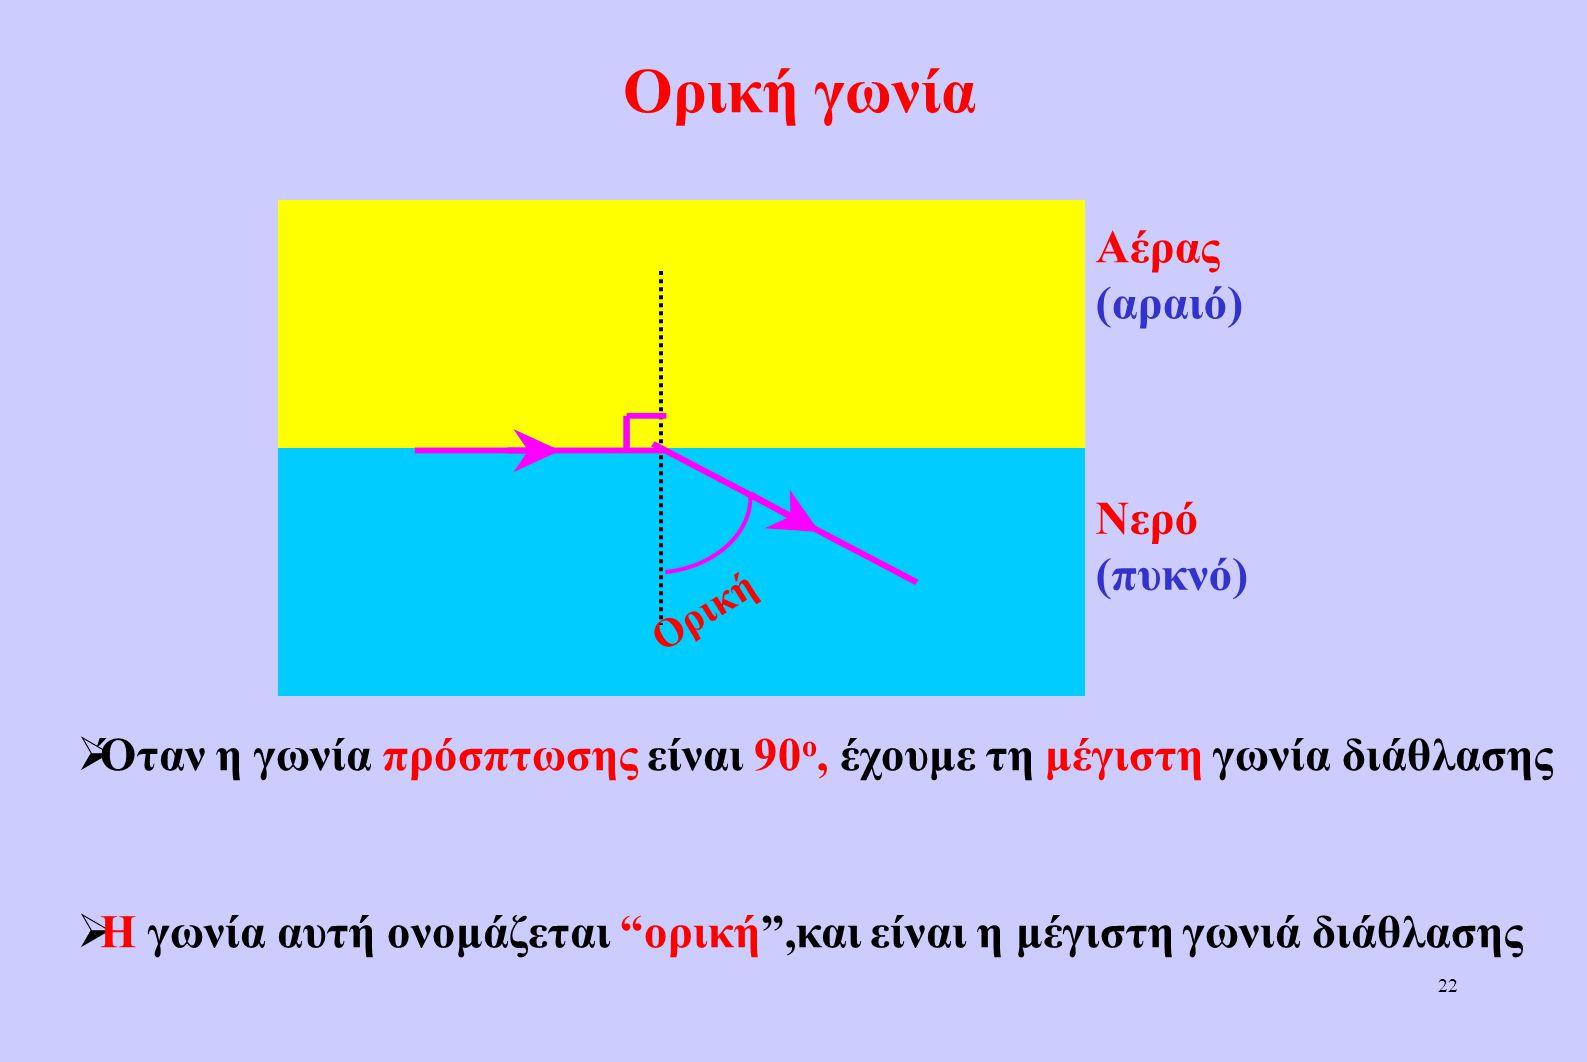 21 Η γωνία πρόσπτωσης είναι ανάλογη της γωνία διάθλασης Αέρας (αραιό) Νερό (πυκνό)  Οσο αυξάνεται η γωνία πρόσπτωσης  Αυξάνεται η γωνία διάθλασης